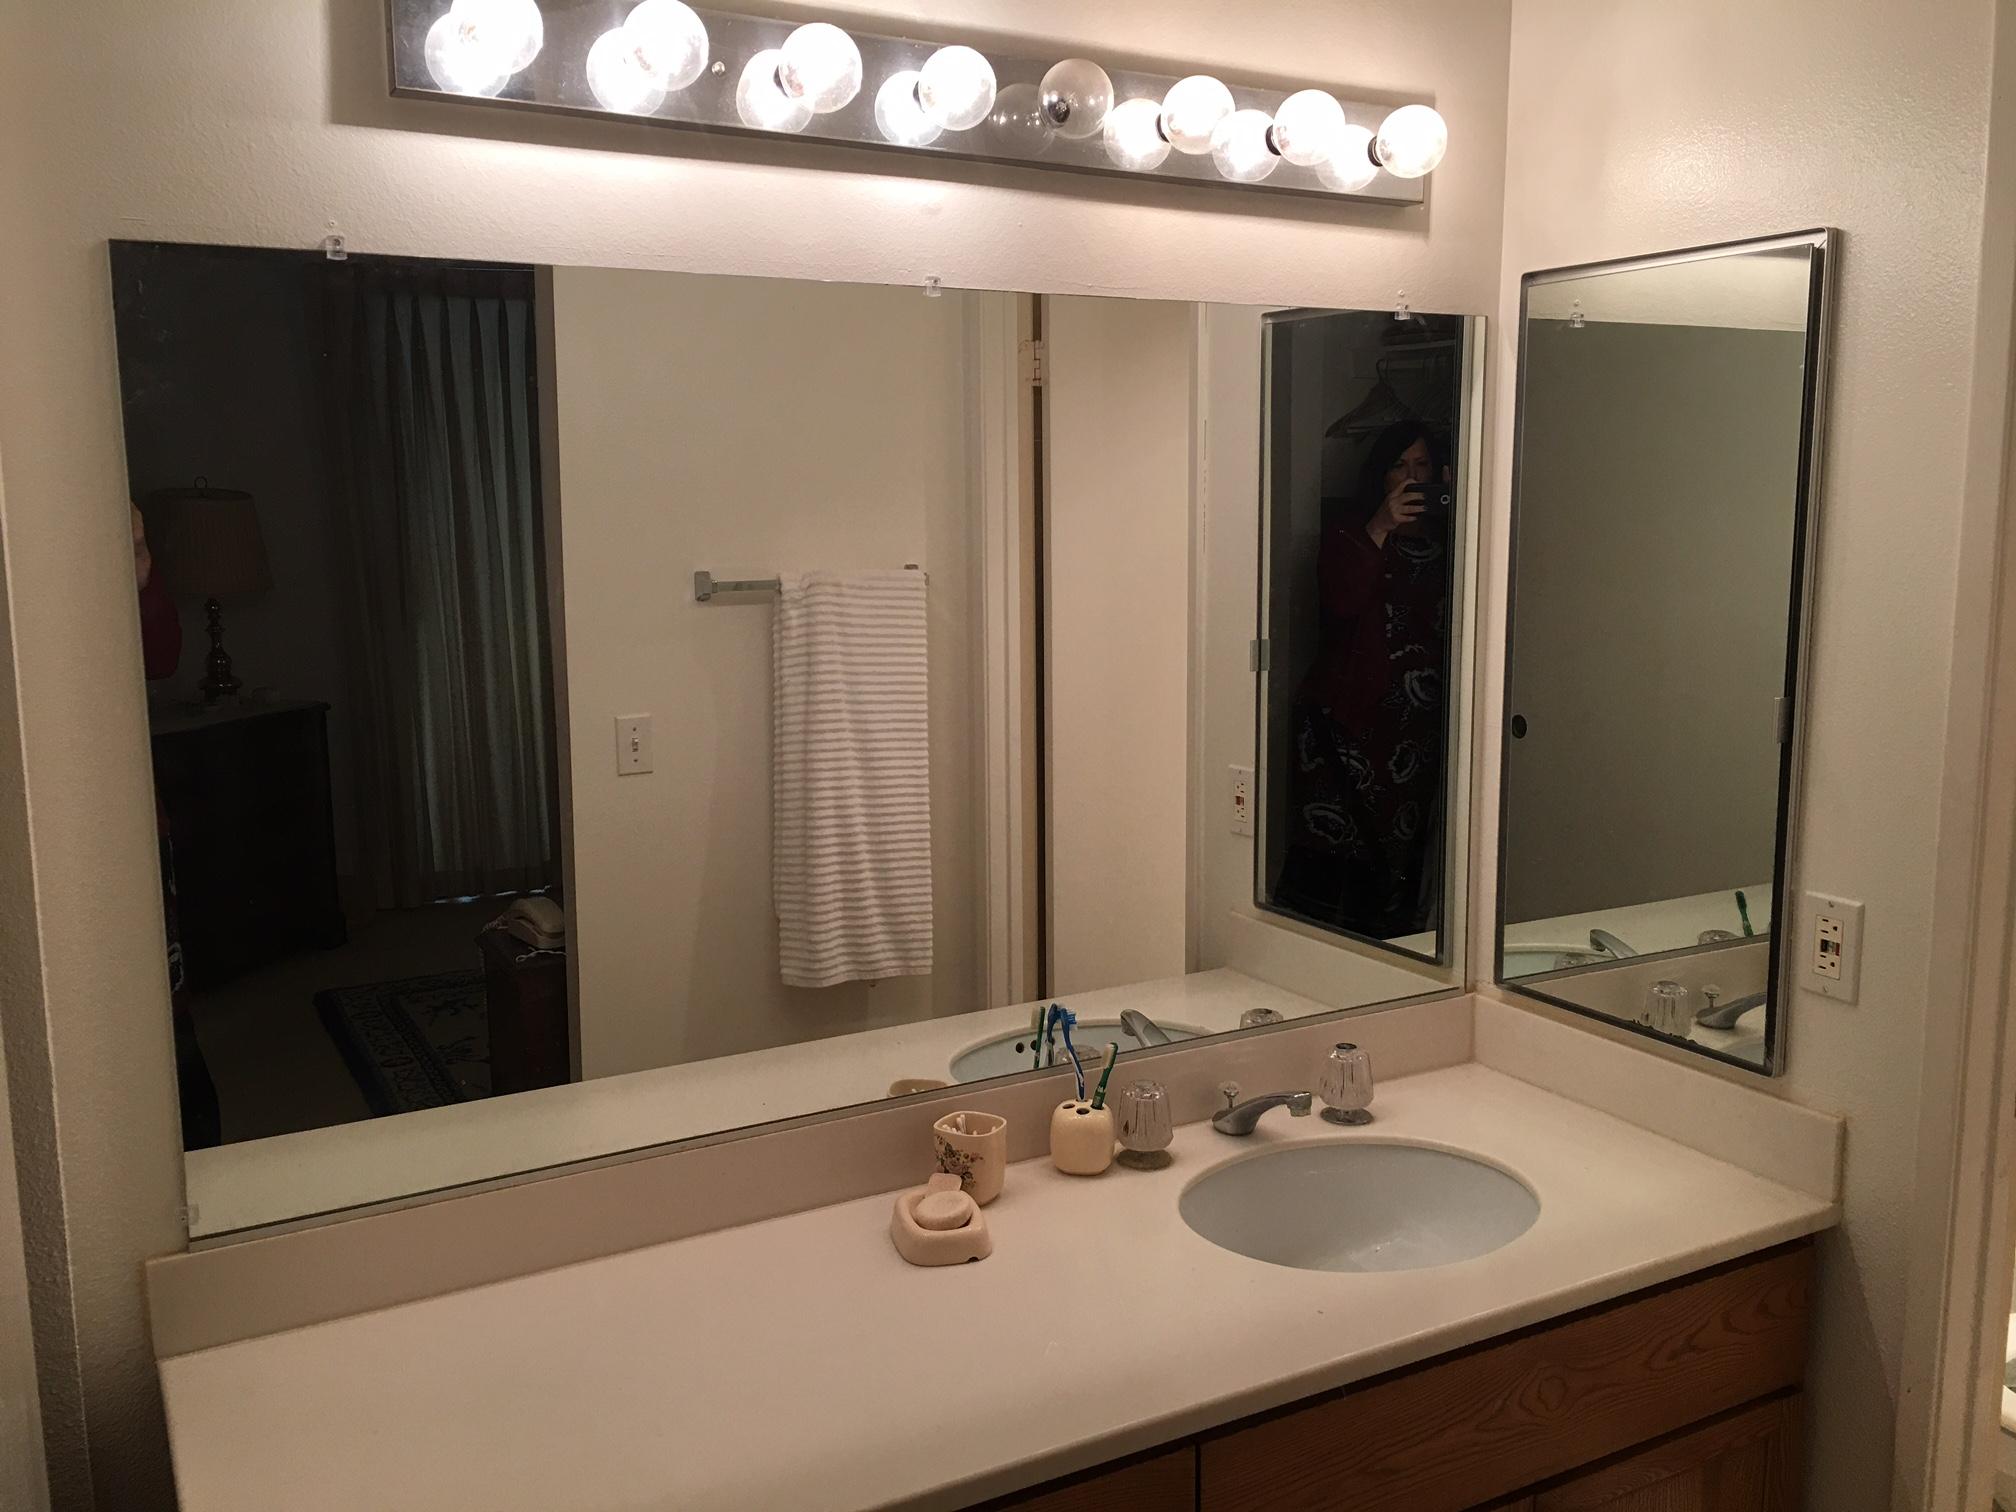 San Diego Condo Before Bathroom